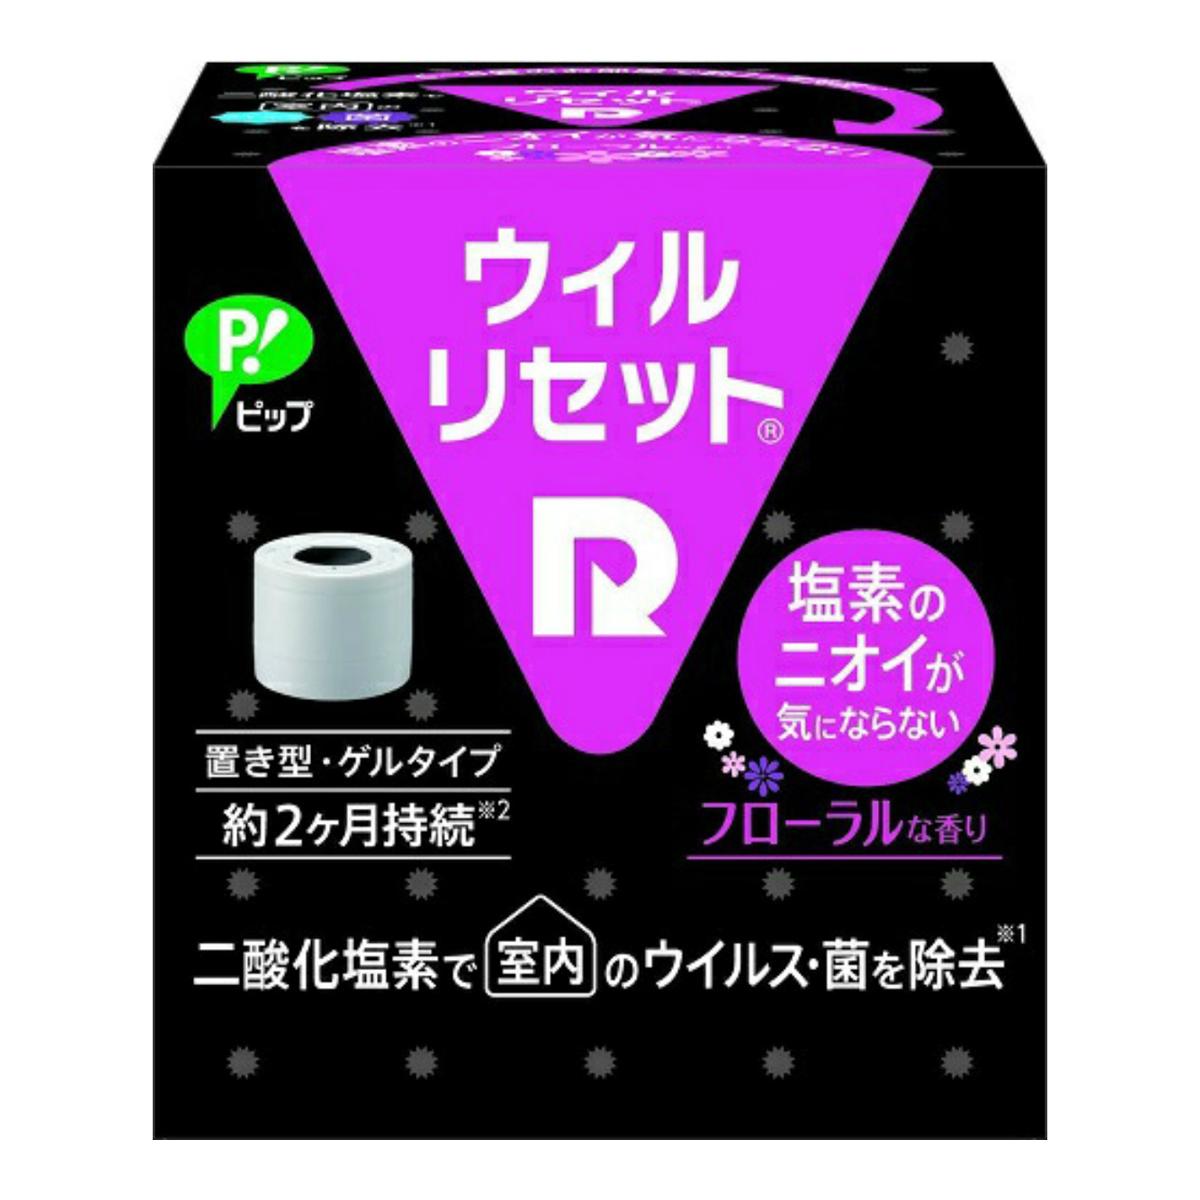 【送料無料・まとめ買い×020】ピップ ウィルリセット フローラルな香り 置き型 ×020点セット(4902522672368)